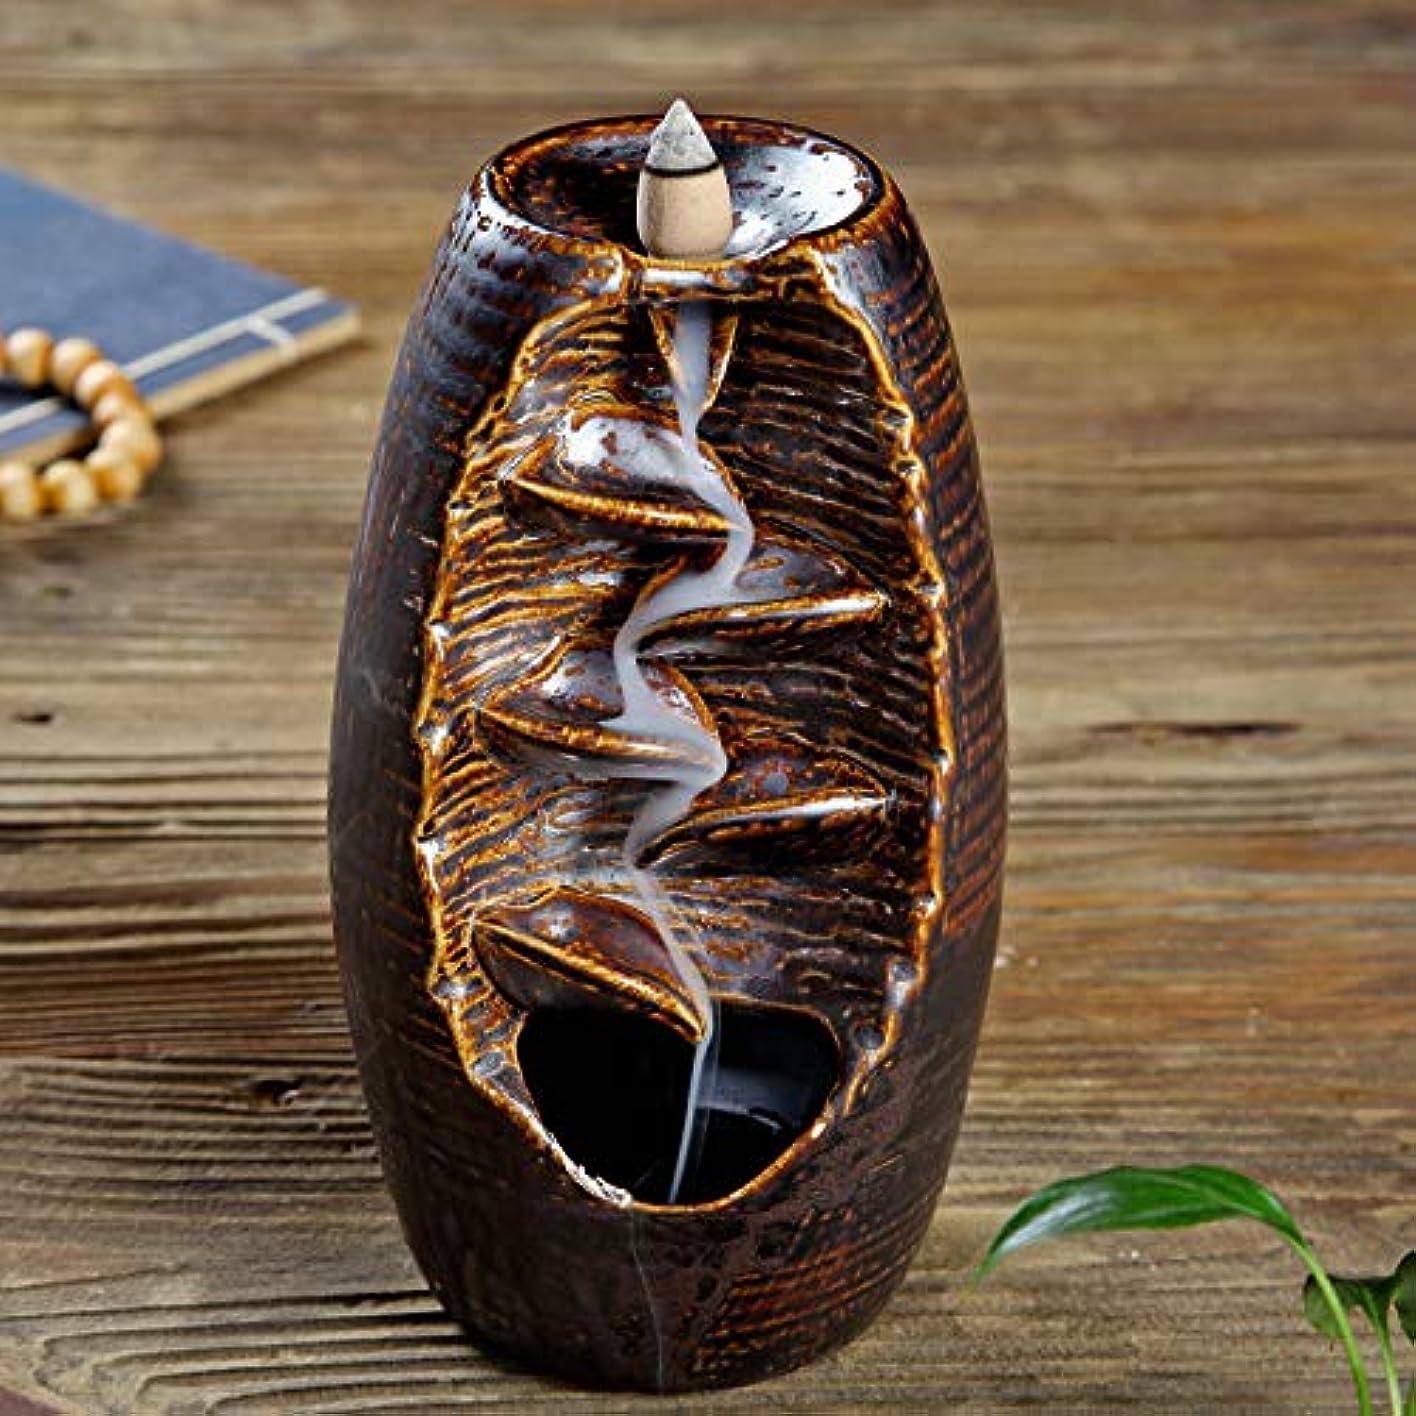 ダルセットバック要求するセラミック花瓶 スモークバック香炉 クリエイティブキルン 逆流アロマテラピー炉 家の装飾 ホームリビングルームの寝室のデスクトップの装飾